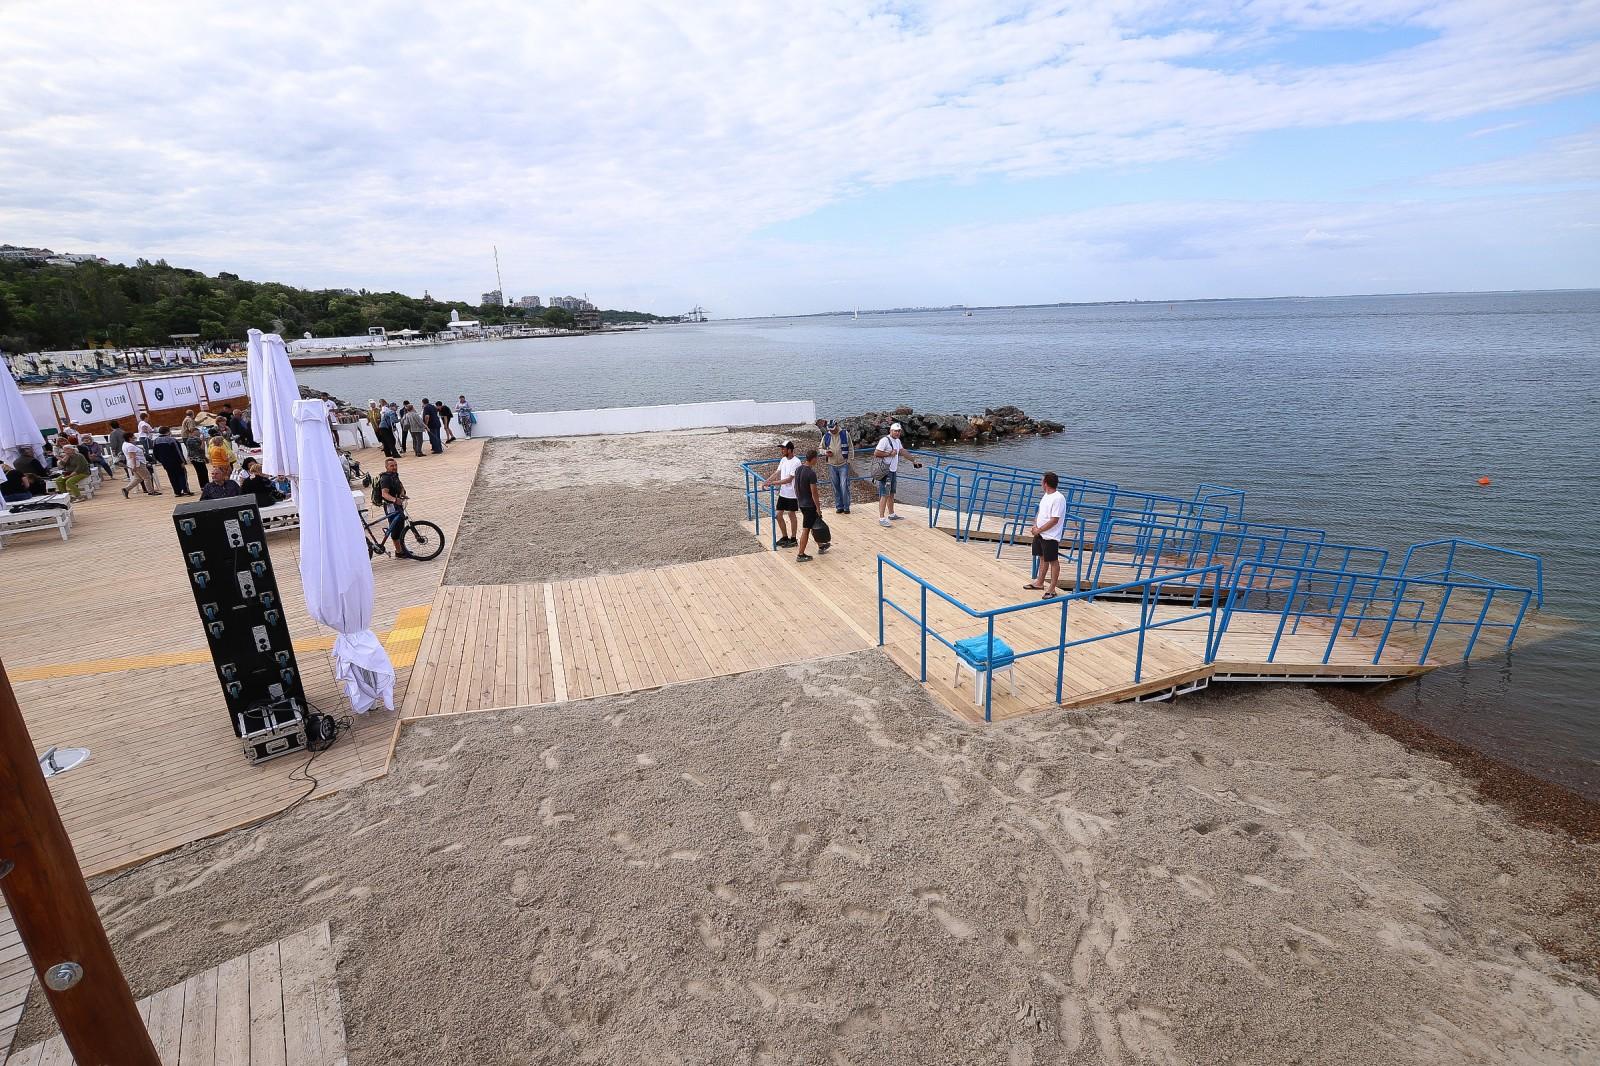 В Одесі відкрили інклюзивний пляж з пандусами та ліфтом